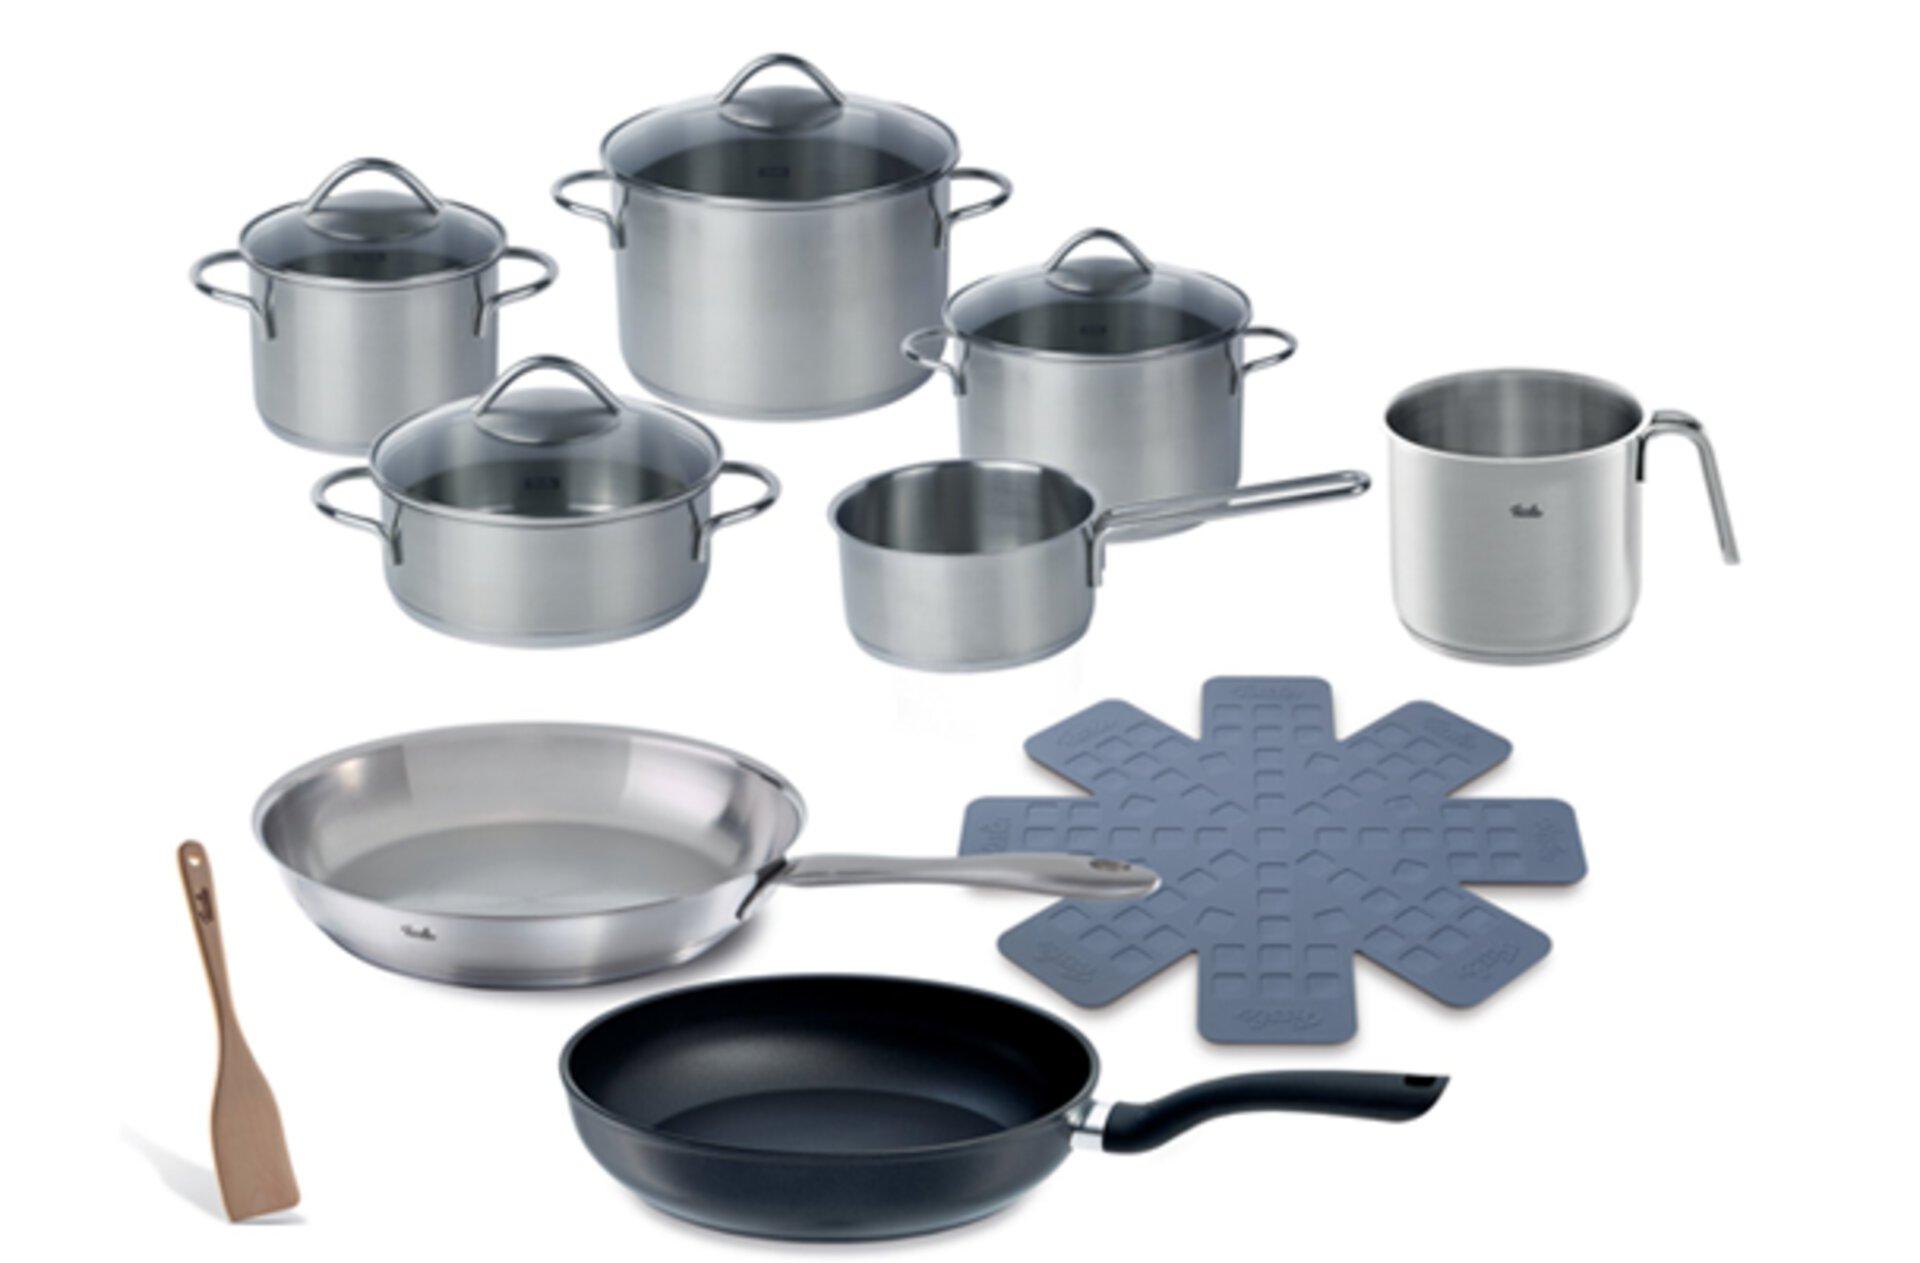 Fissler, Möbel Inhofer, Topf, Pfanne, Kochen, Küche, Haushalt, Haushaltwaren